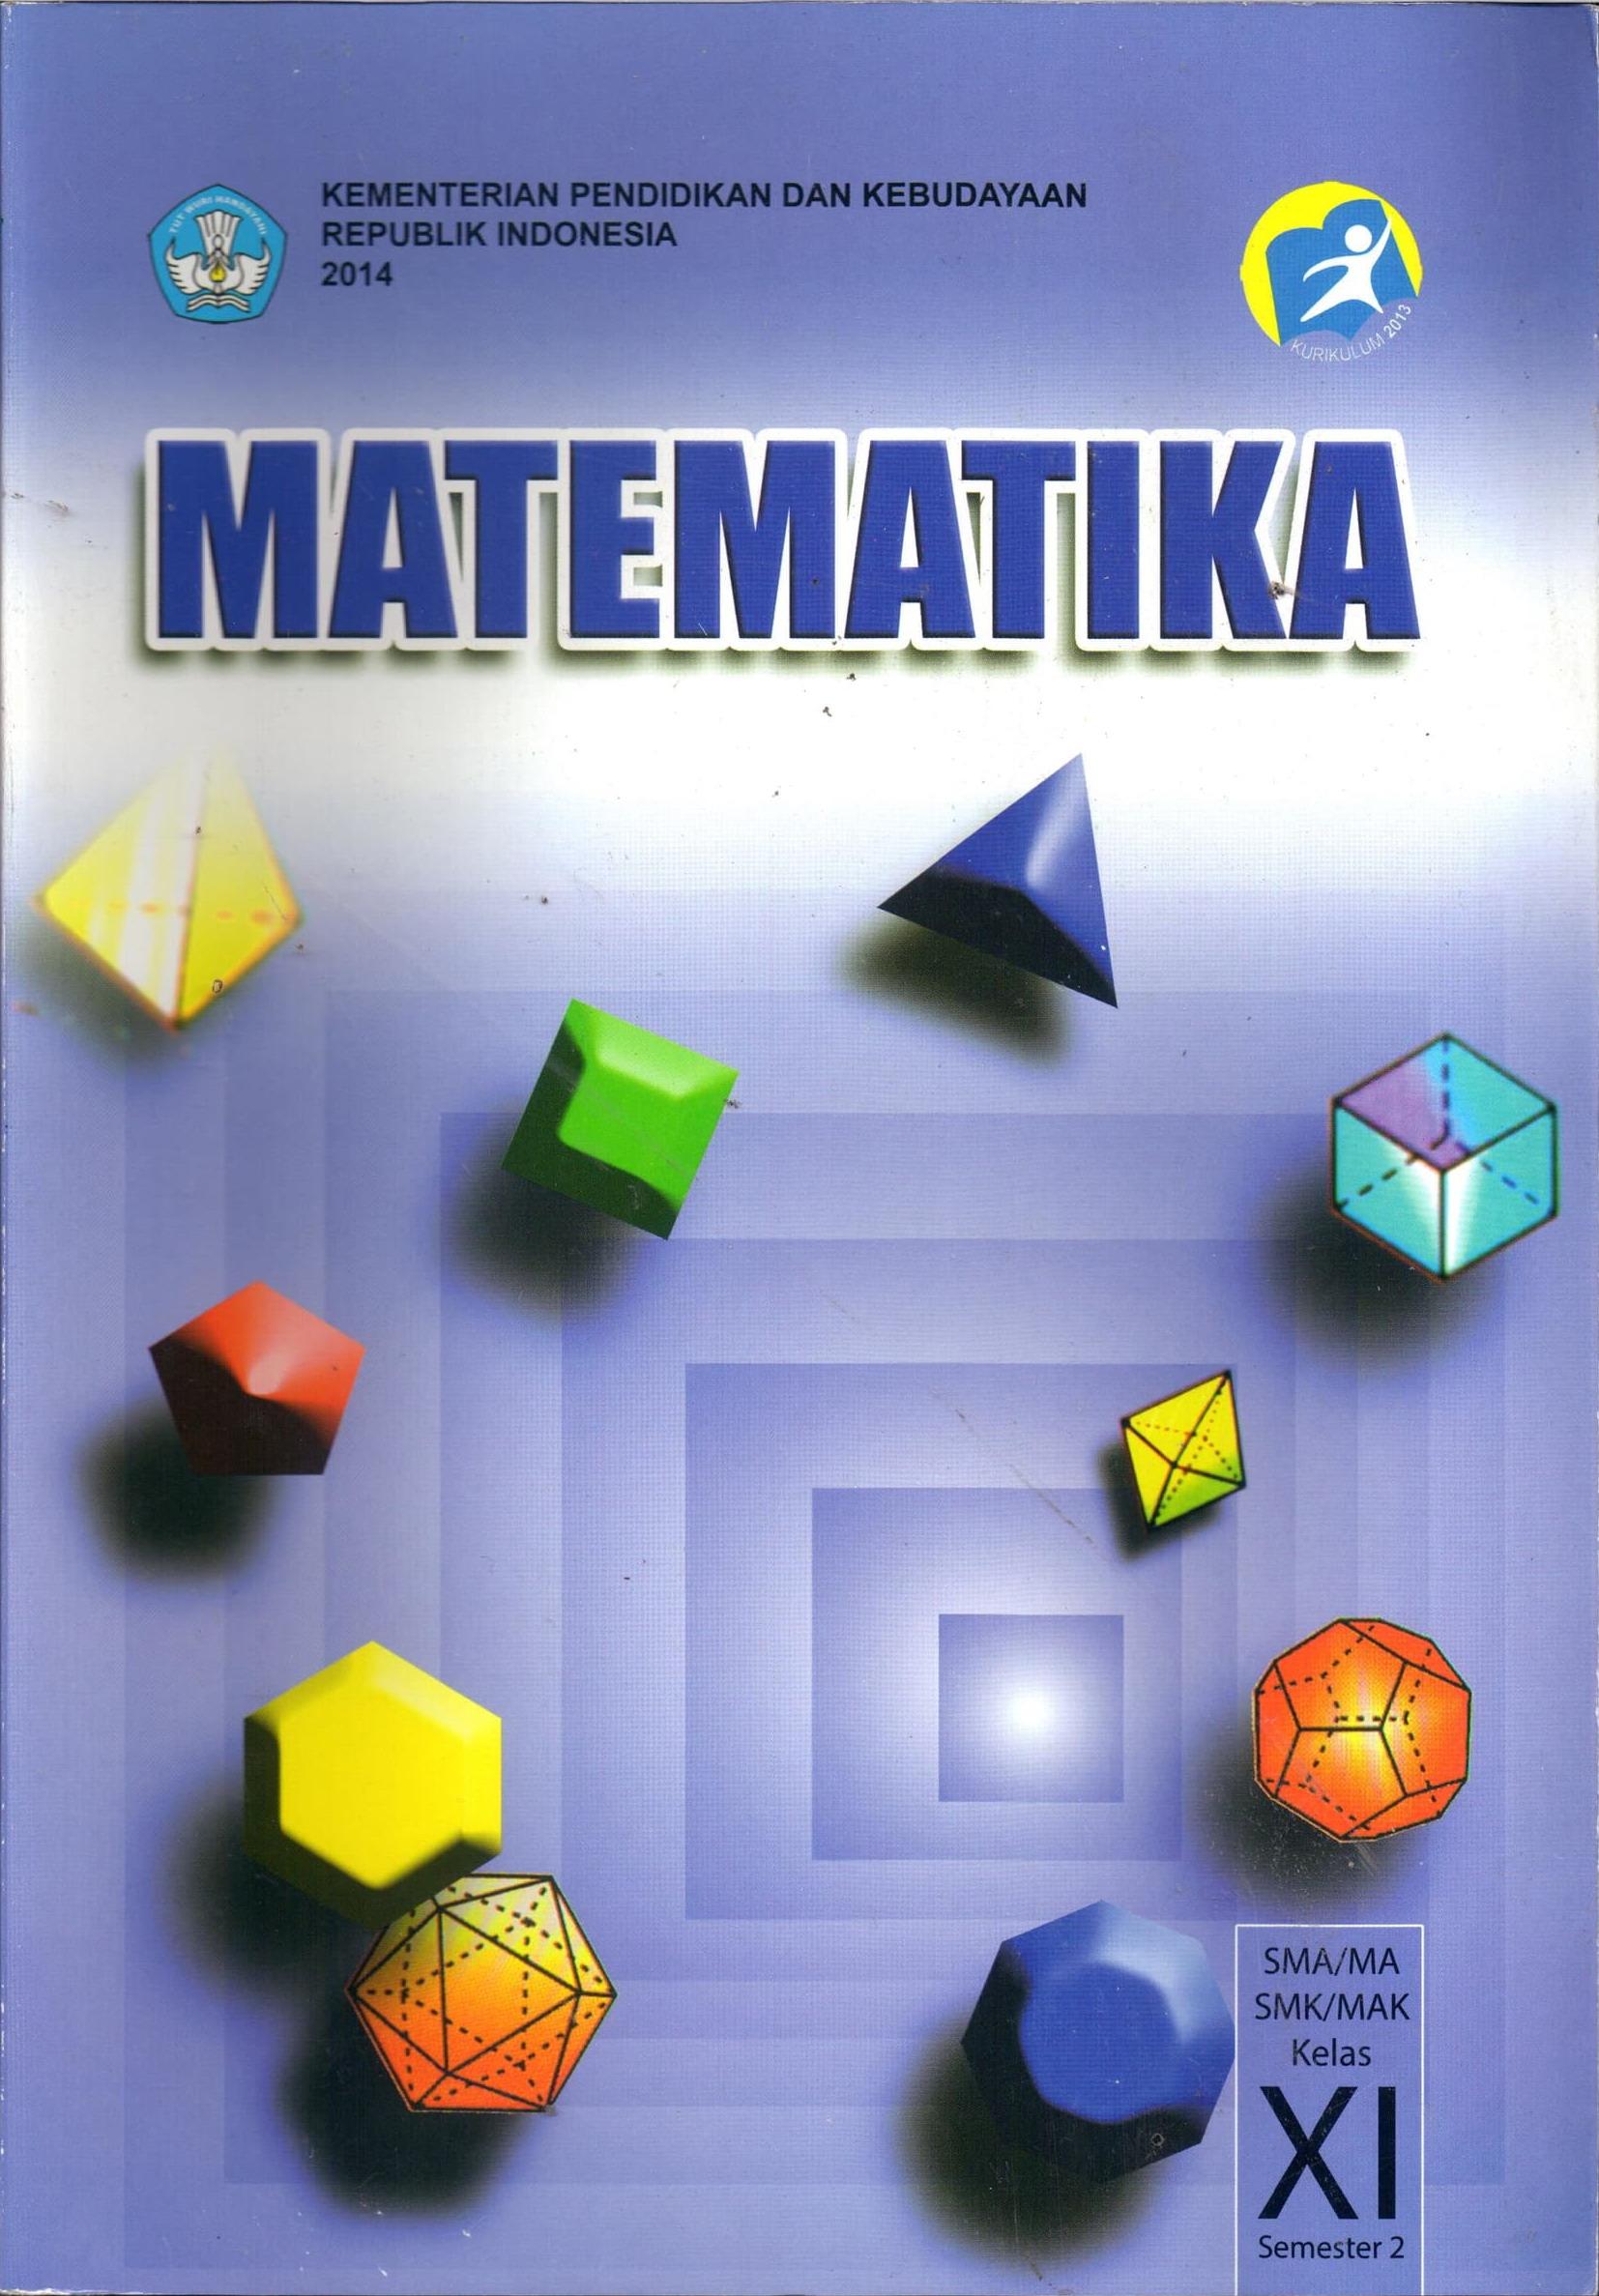 Gudang Soal Sd Matematika Kelas Download Lengkap